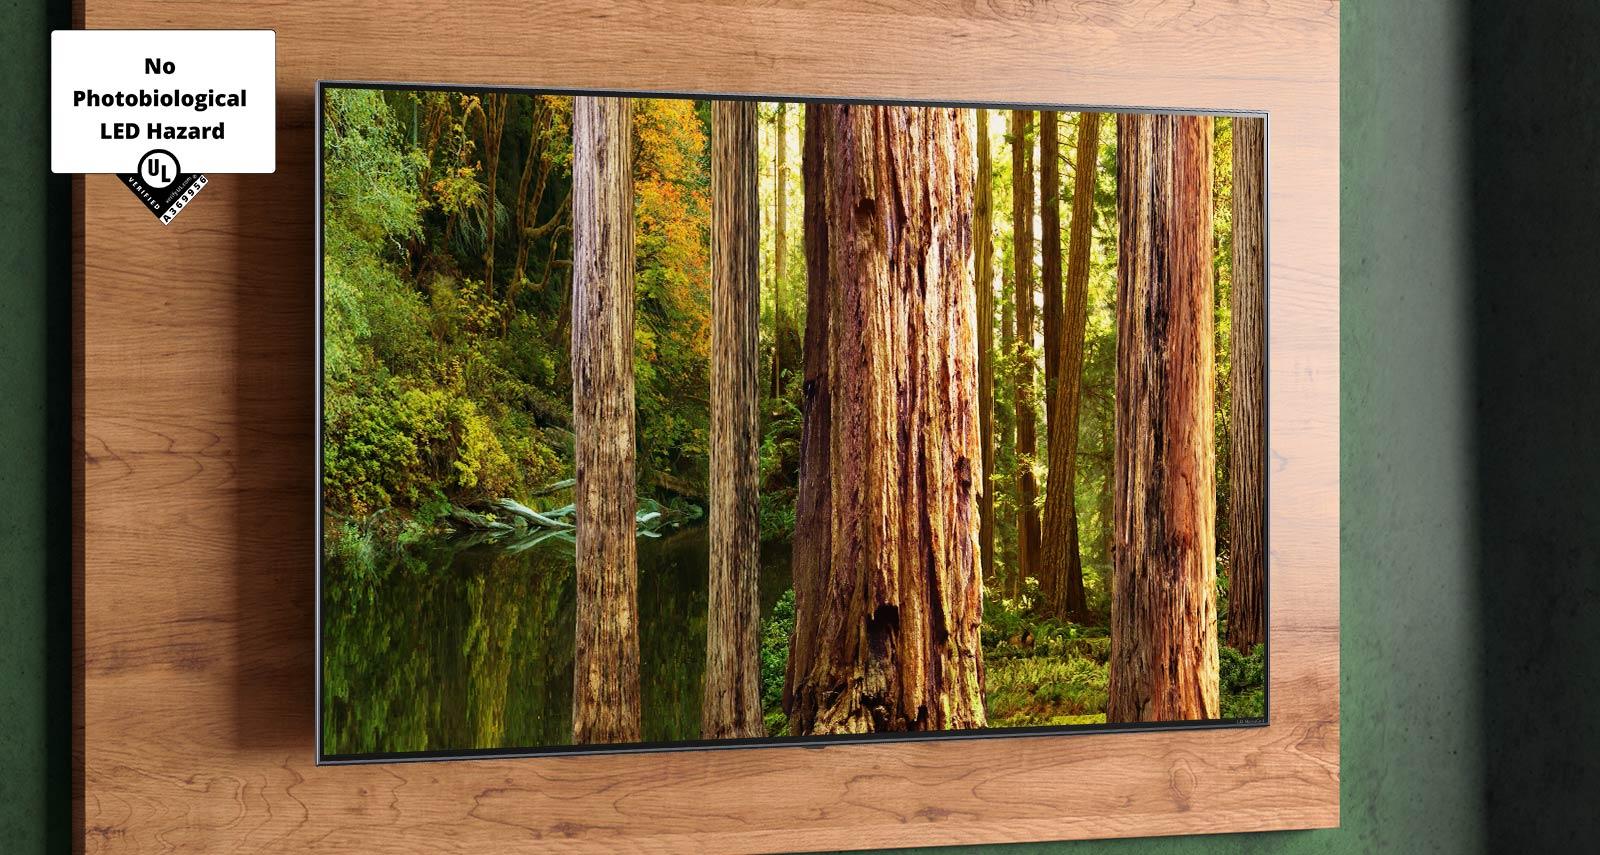 Image de la forêt sur l'écran du téléviseur